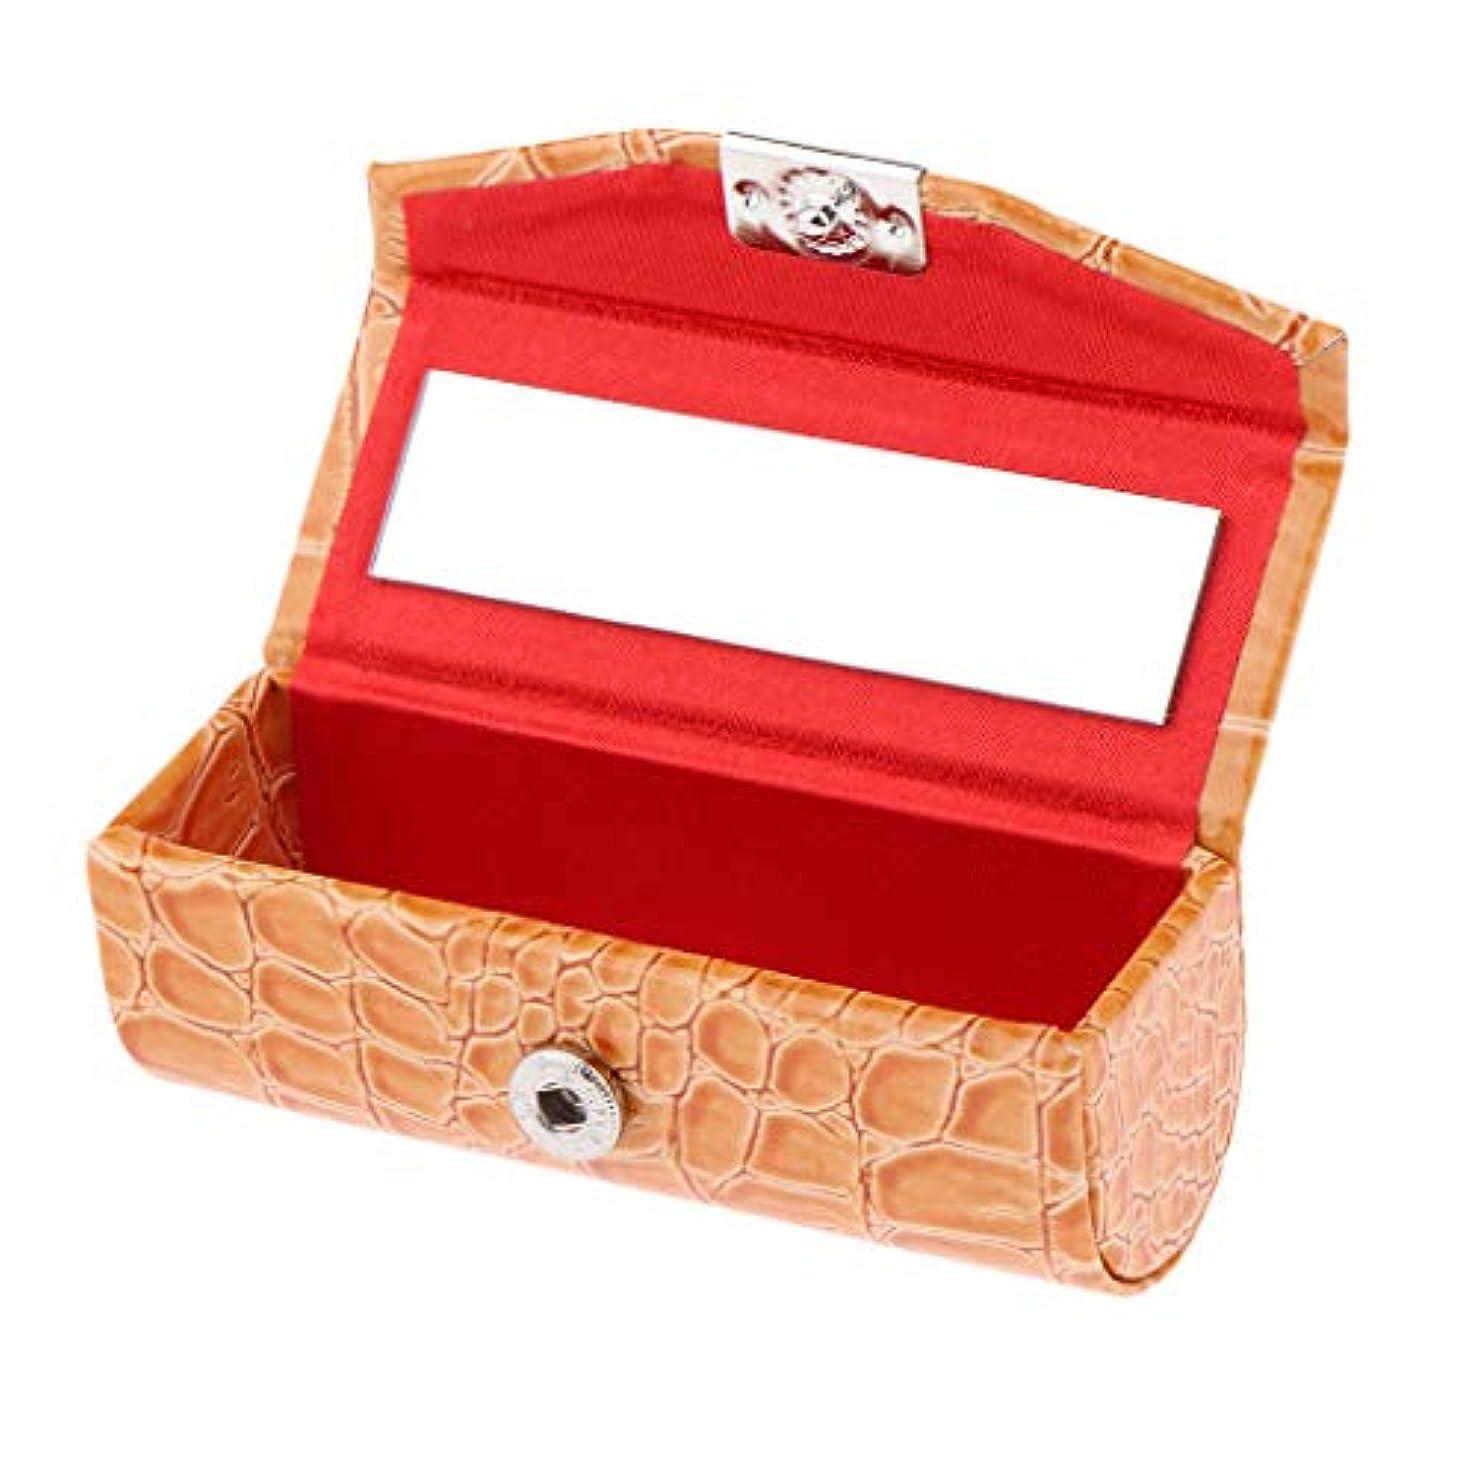 請求無秩序解放F Fityle リップスティックケース 口紅 ホルダー レザー 財布 ミラー 収納ボックス 多色選べ - オレンジ